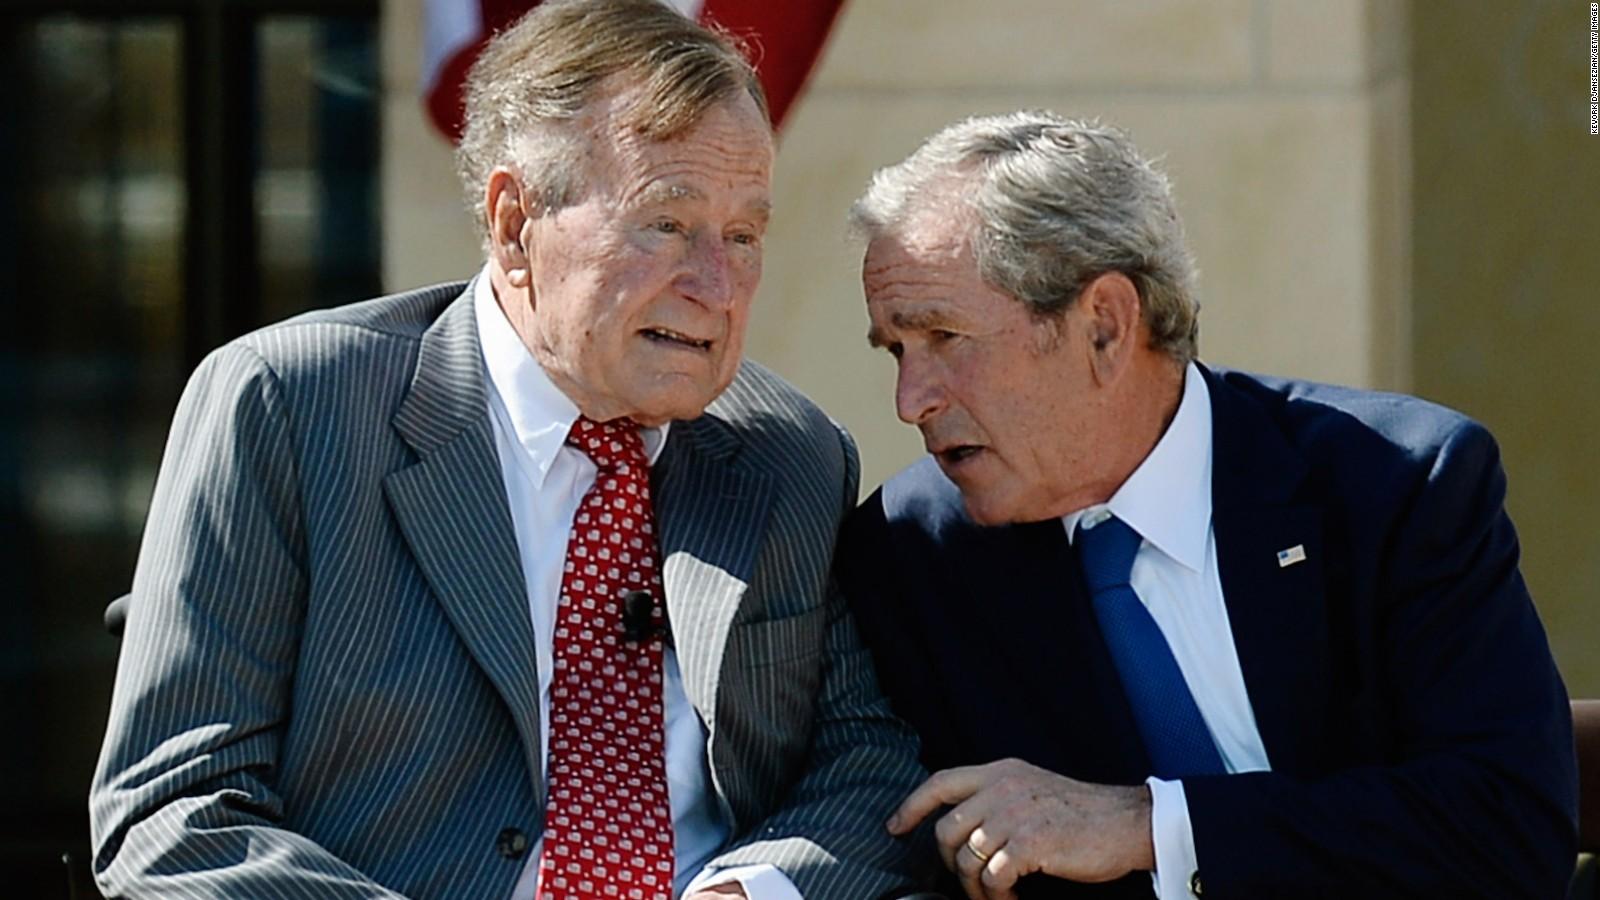 George H W Bush Calls Trump A Blowhard Cnn Video